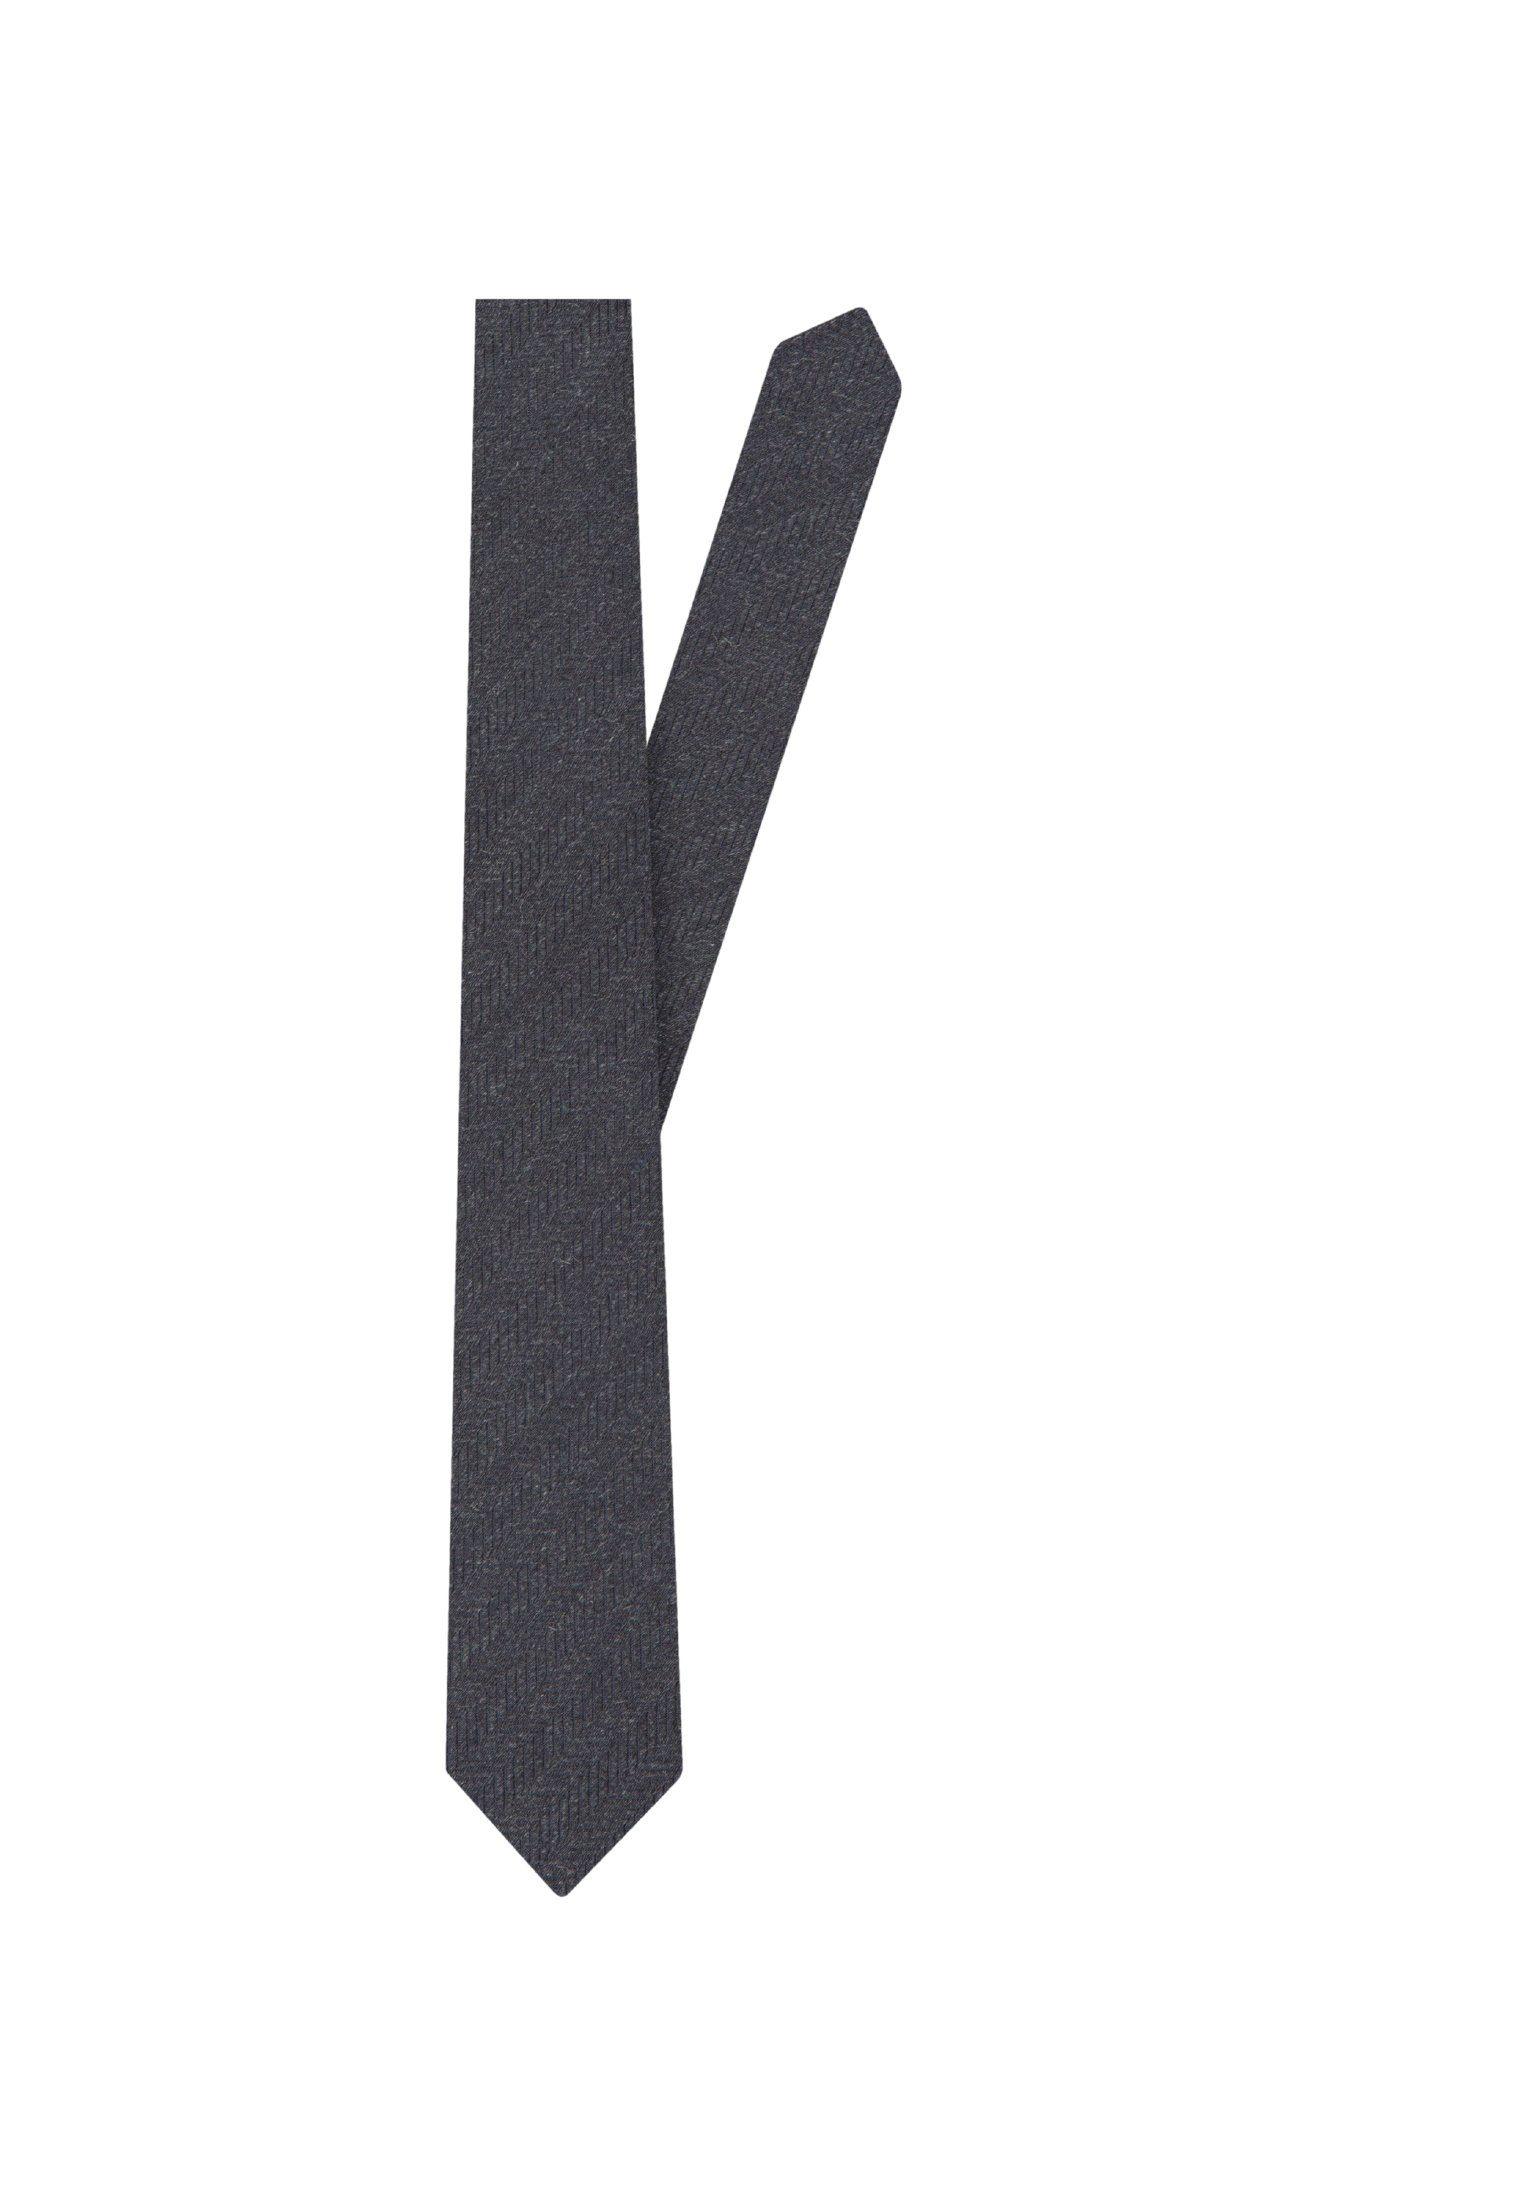 »schwarze Seidensticker Seidensticker Krawatte Kaufen Krawatte Rose«Breit7cmOnline Rose«Breit7cmOnline »schwarze nk80wOP